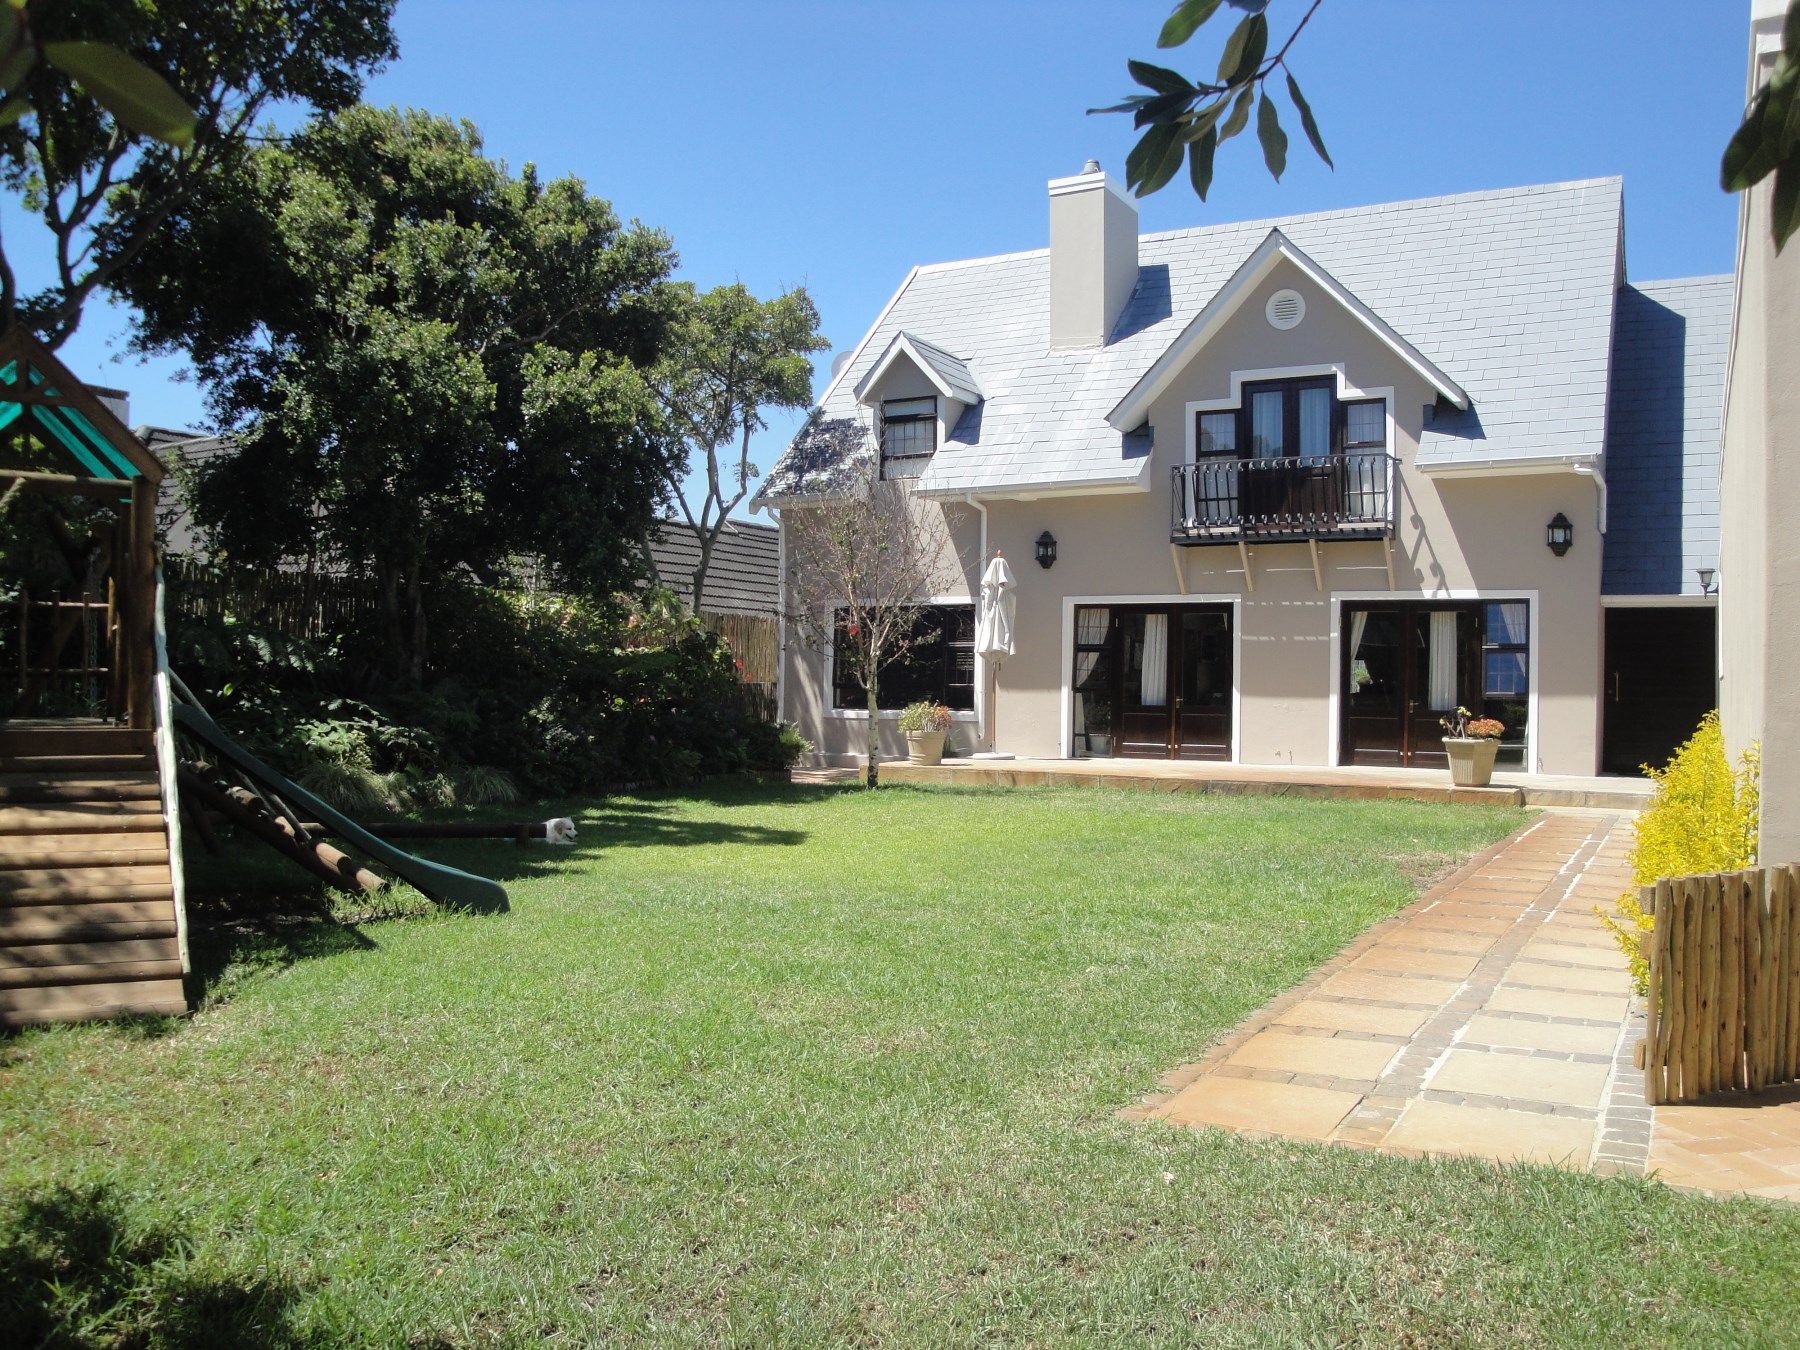 Maison unifamiliale pour l Vente à A Double Storey Home in pristine condition Tokai, Cape Town, Cap-Occidental Afrique Du Sud